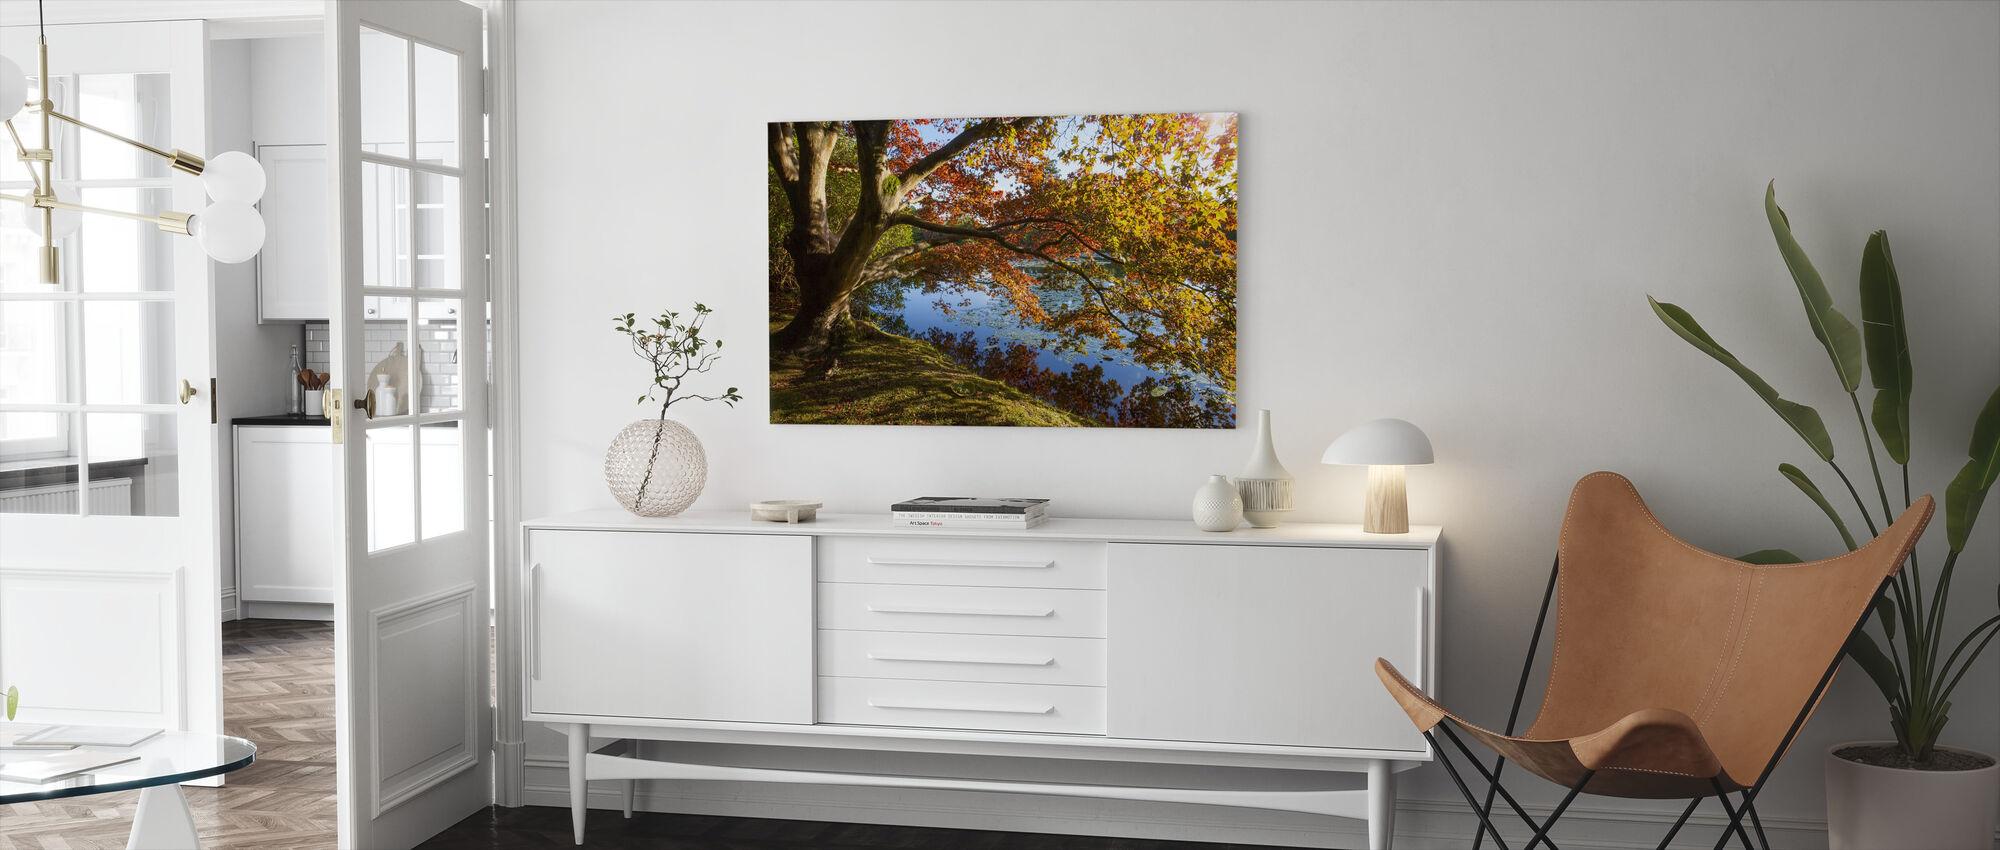 Efterår Træ Refleksion - Billede på lærred - Stue